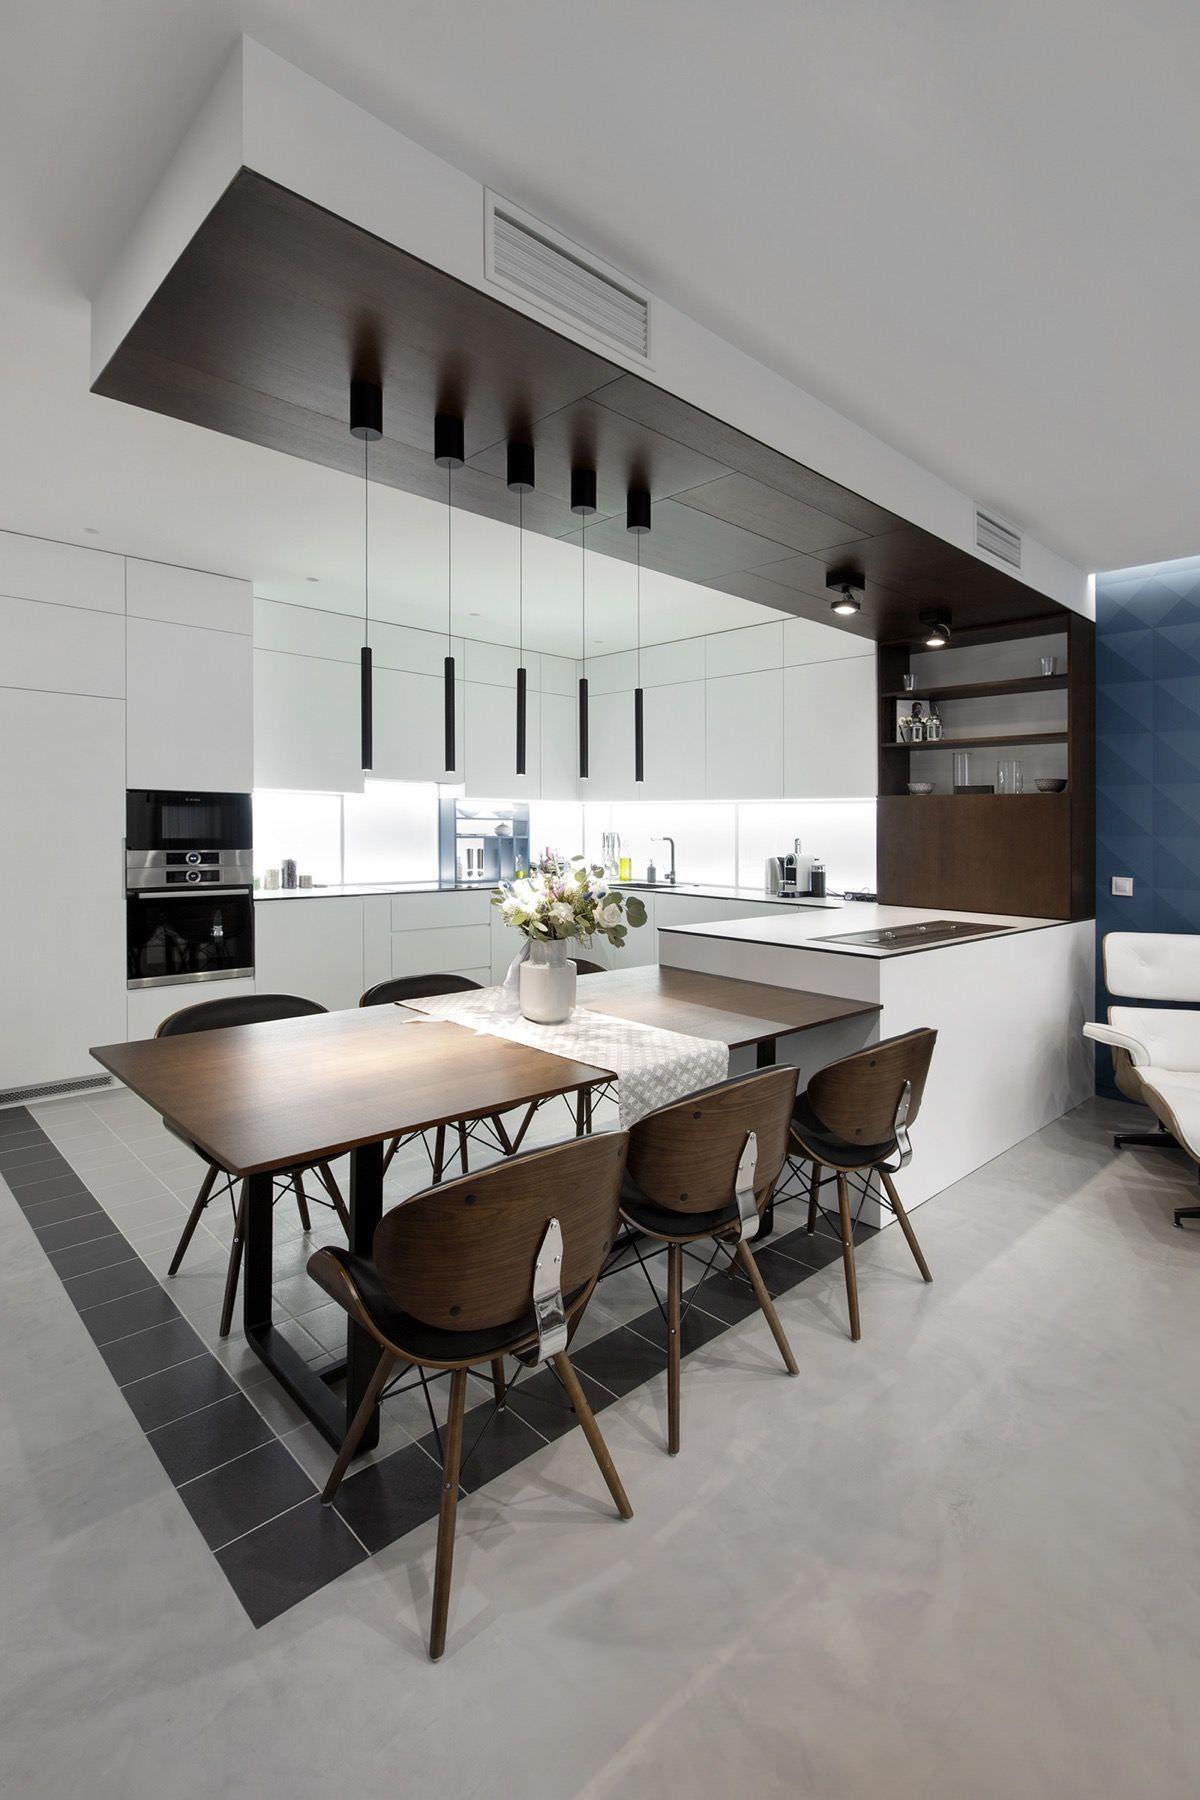 100 idee cucine moderne stile e design per la cucina for Tavolo cucina design